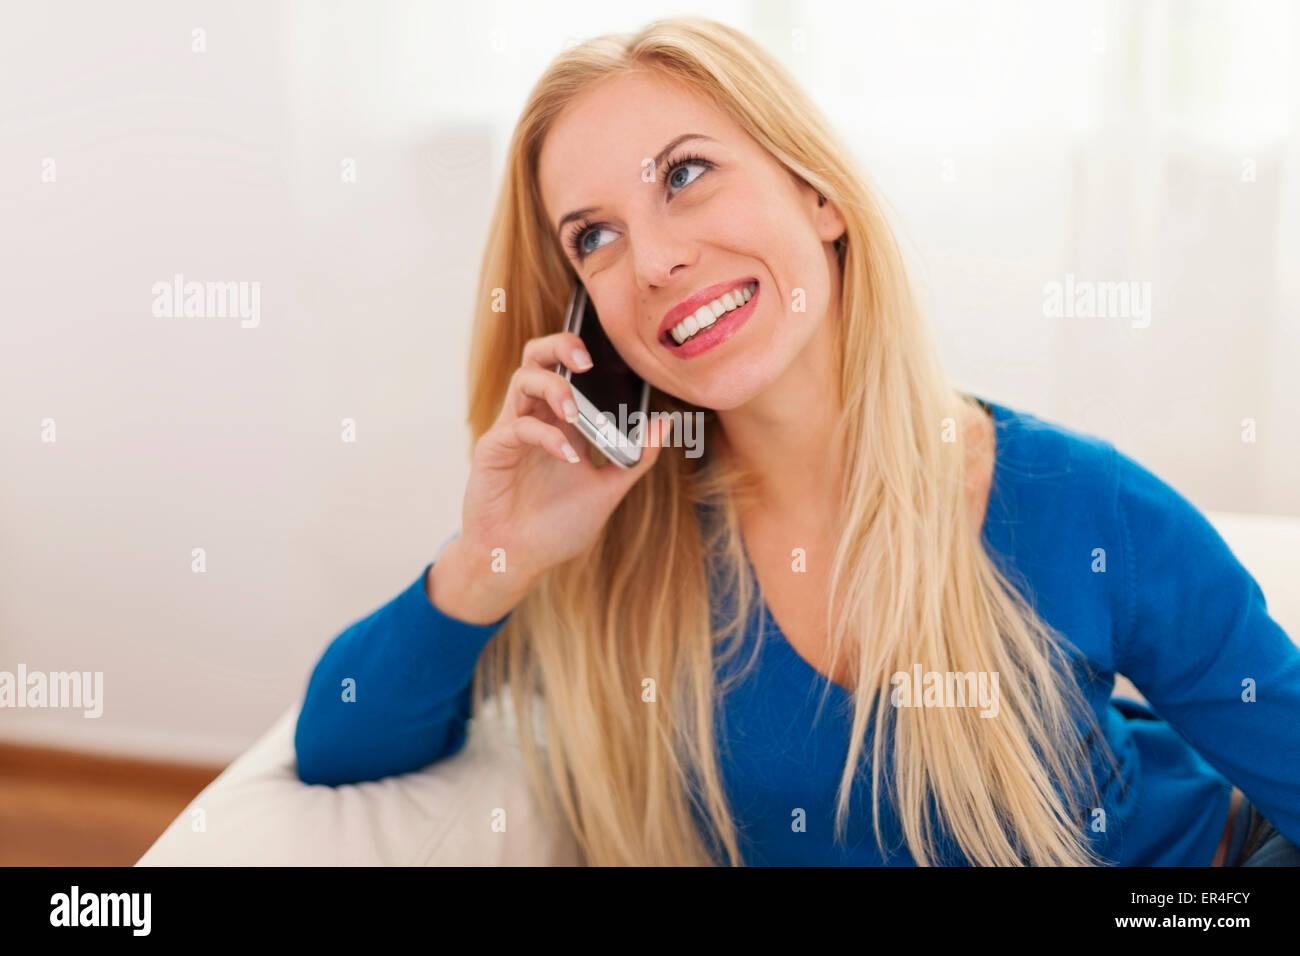 Porträt von Gossip Girl mit Smartphone Stockbild